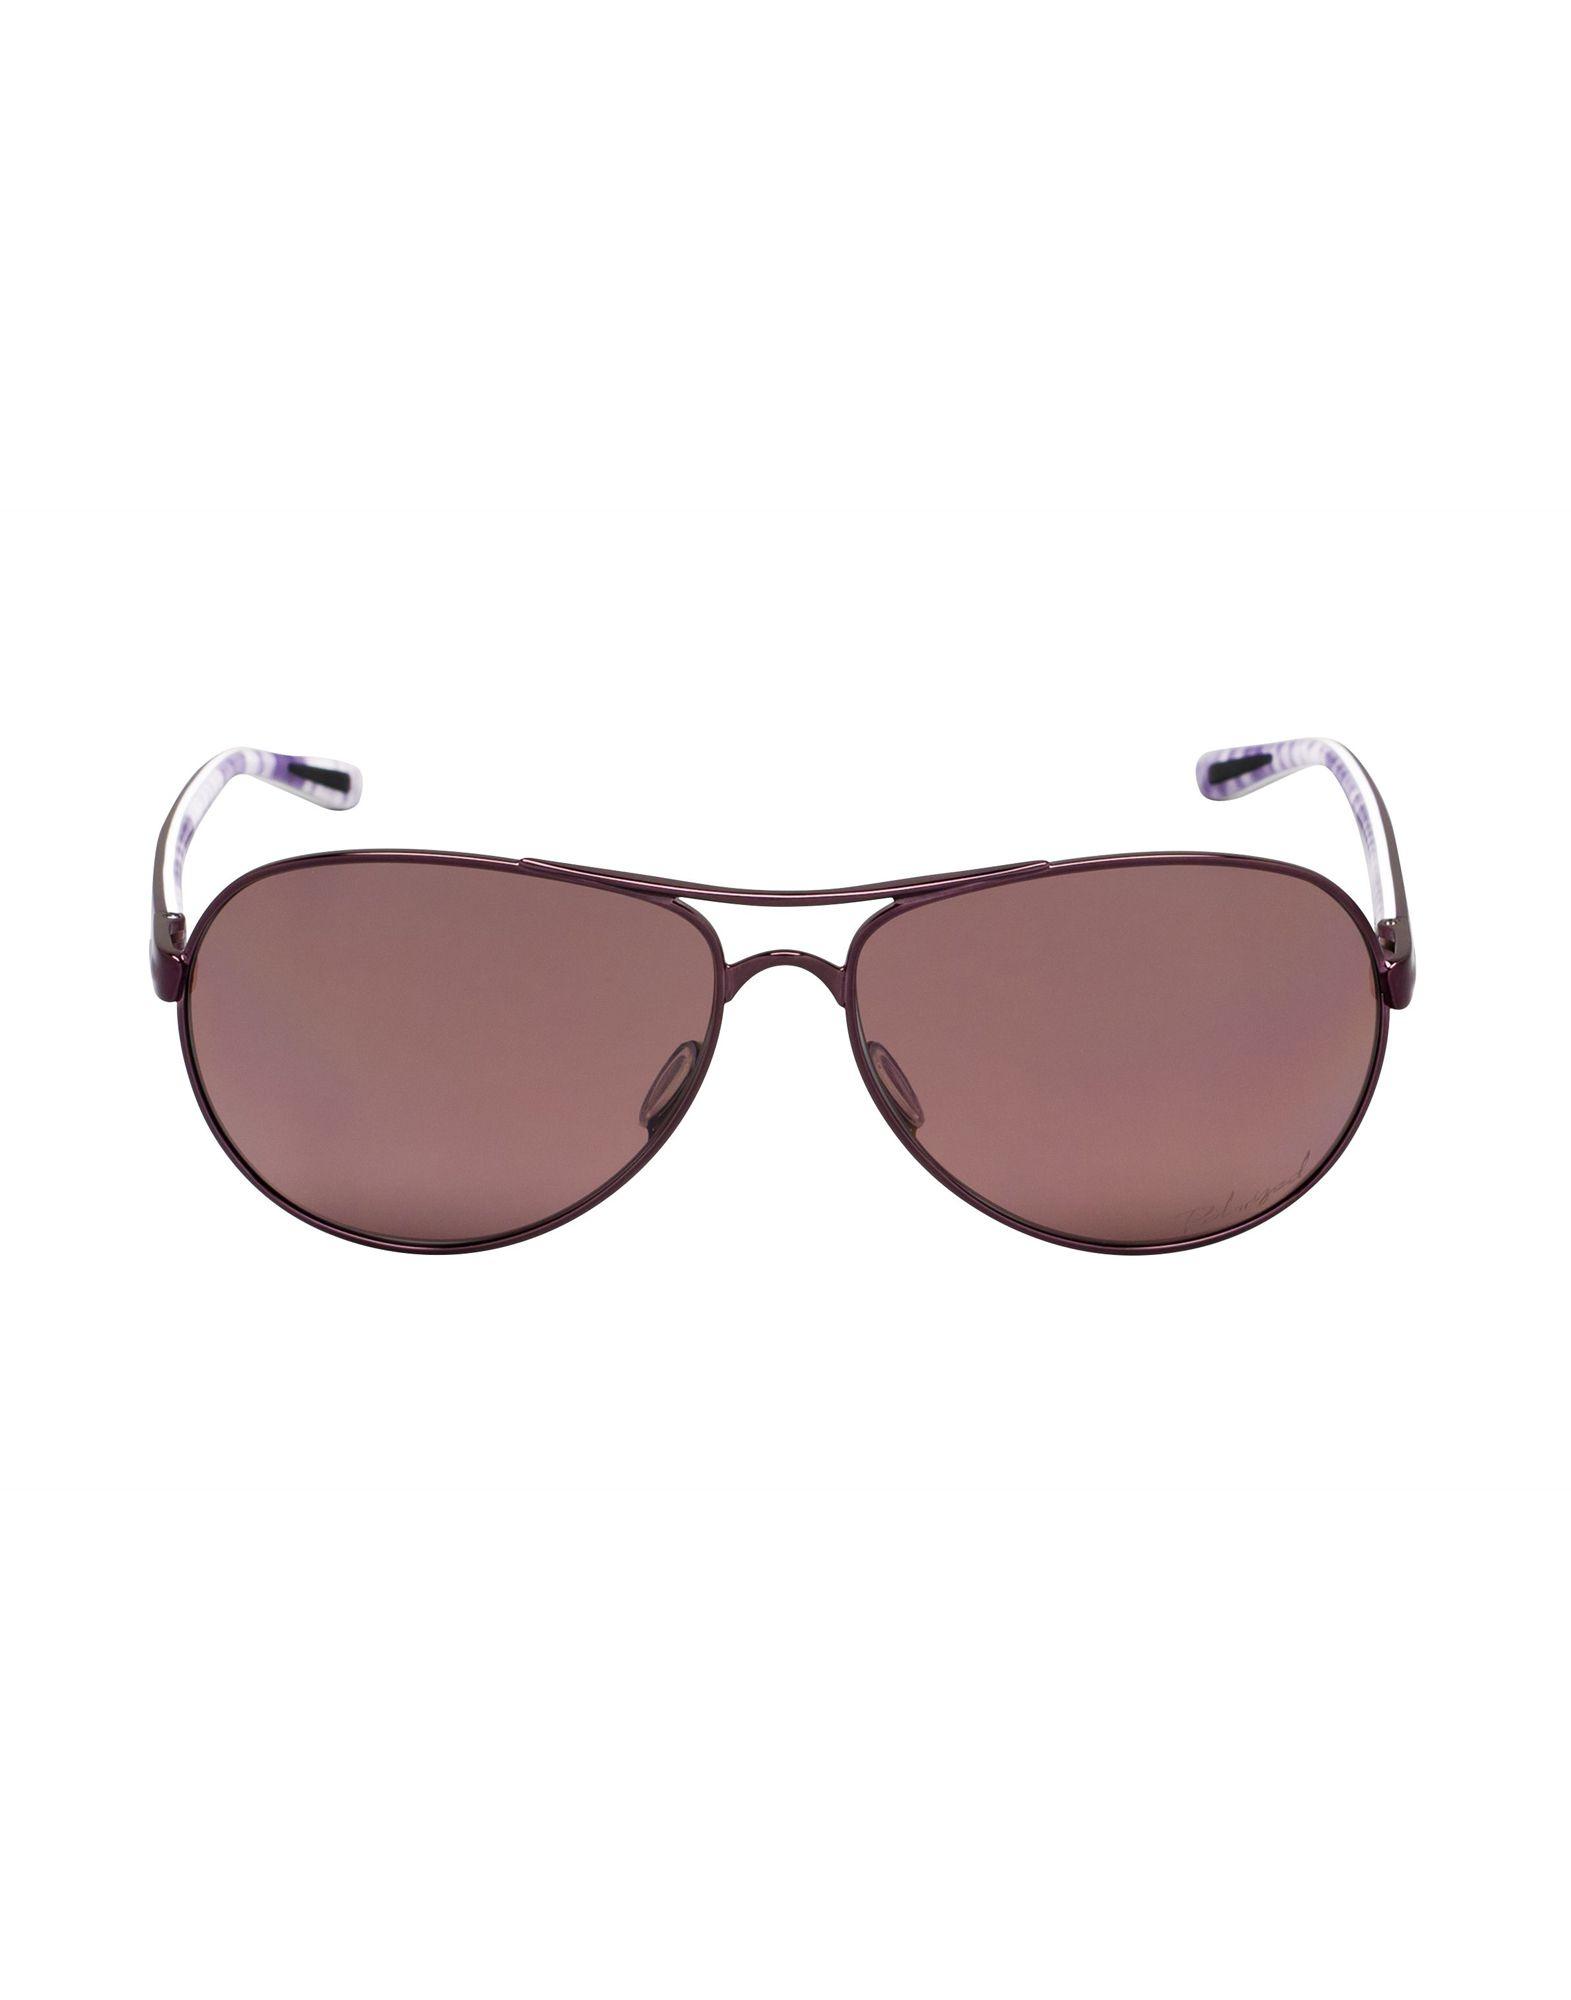 23cadc42b6e Oakley Purple Sunglasses « Heritage Malta